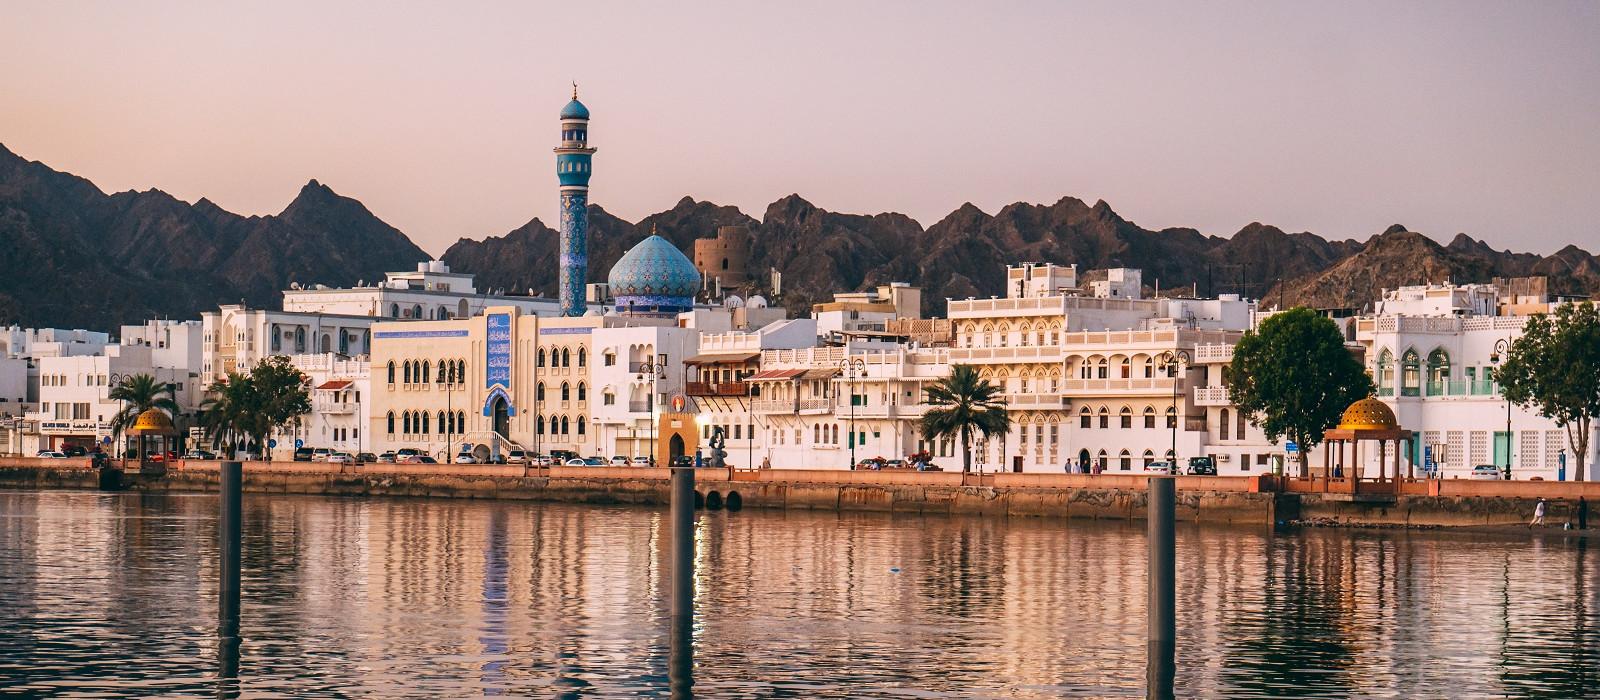 Roadtrip zu den Highlights von Oman Urlaub 1